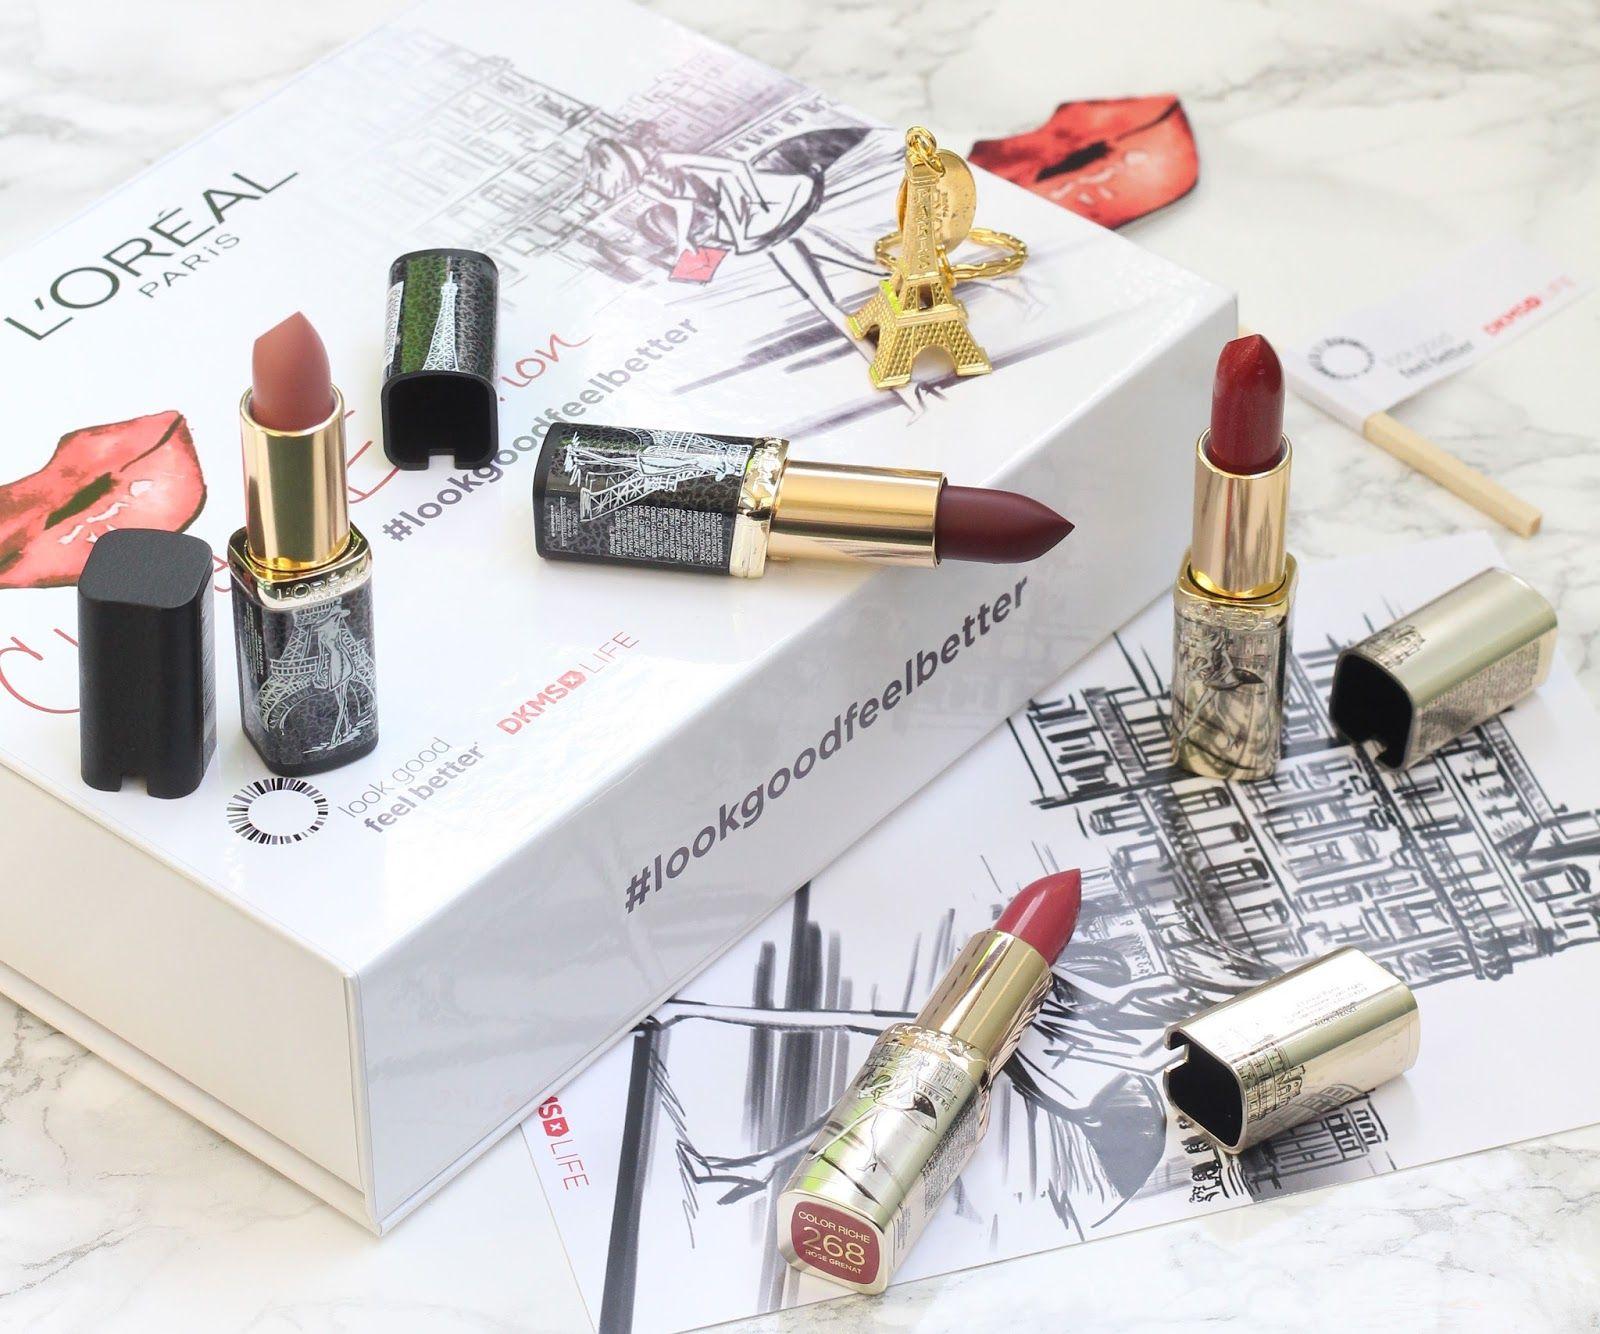 L'Oréal Paris Color Riche Charity Edition Lipsticks 2017